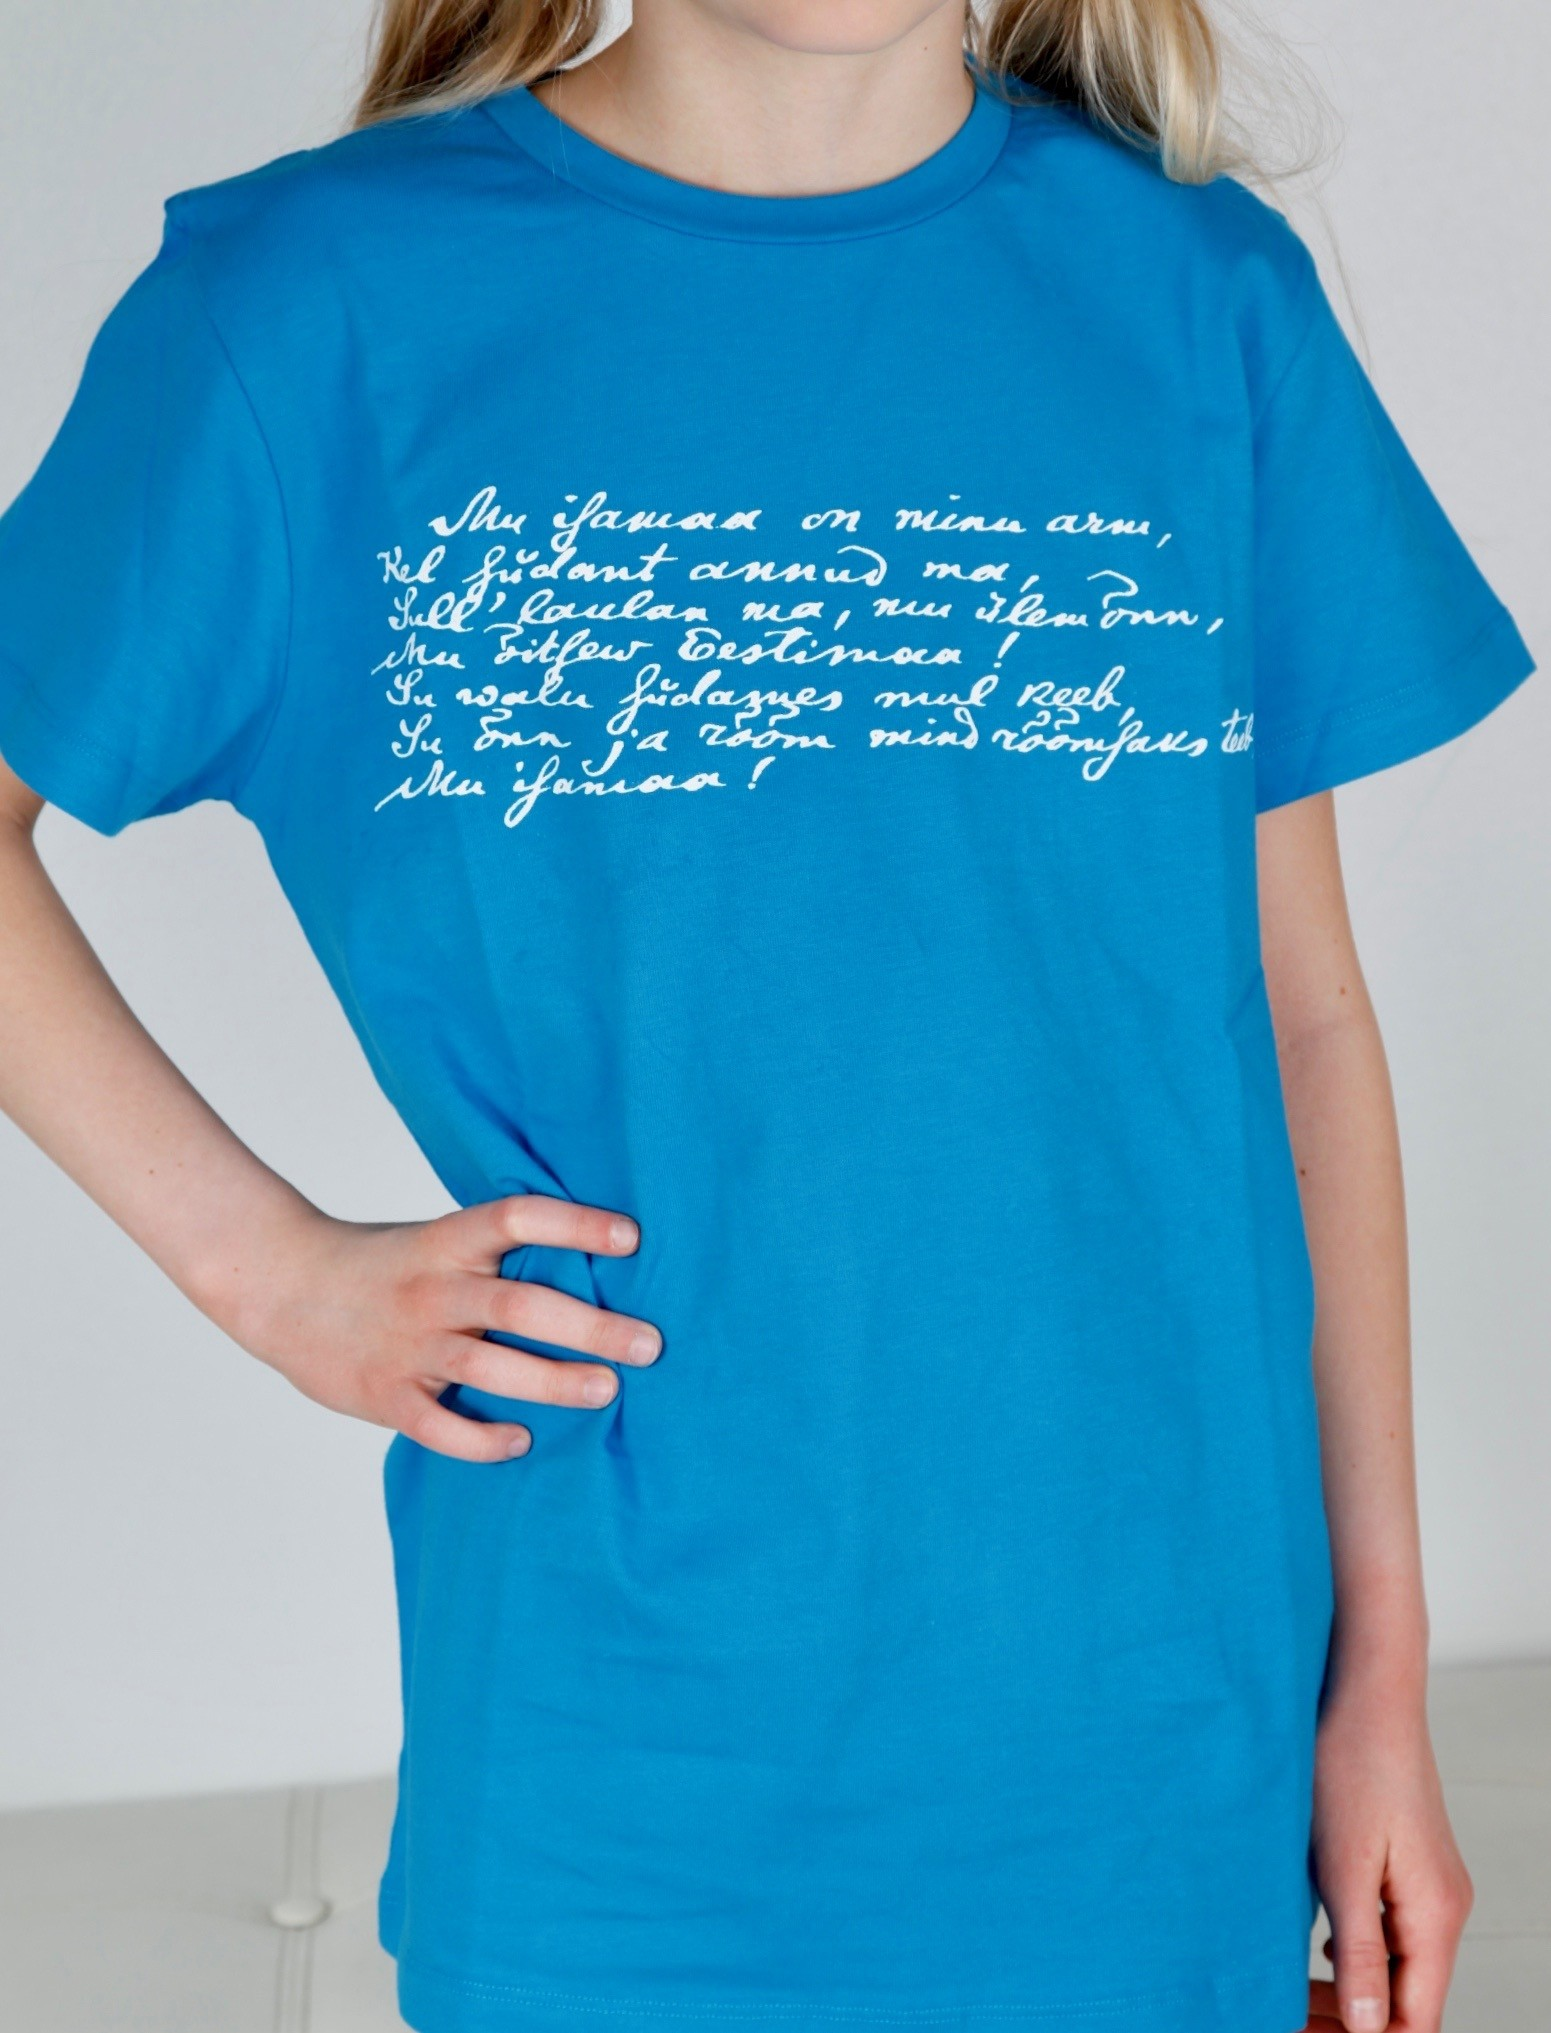 Детская футболка MINU ARM (моя любовь), цвет: синий